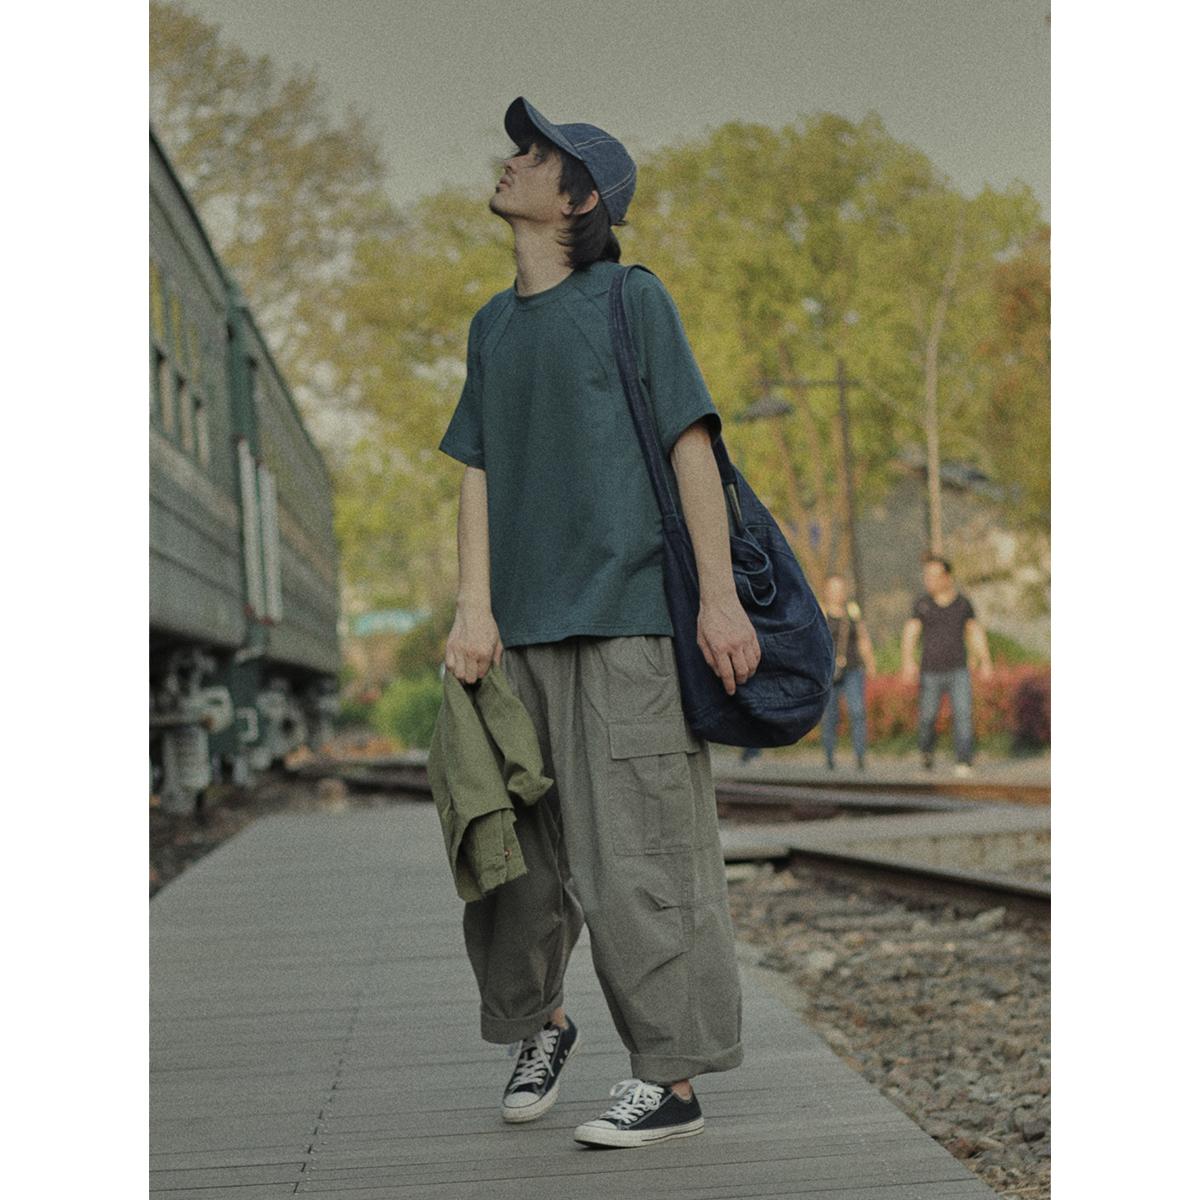 绿色T恤 危机青年 复古蓝绿色宽松短袖T恤男简约纯色夏季日系基础款半袖潮_推荐淘宝好看的绿色T恤